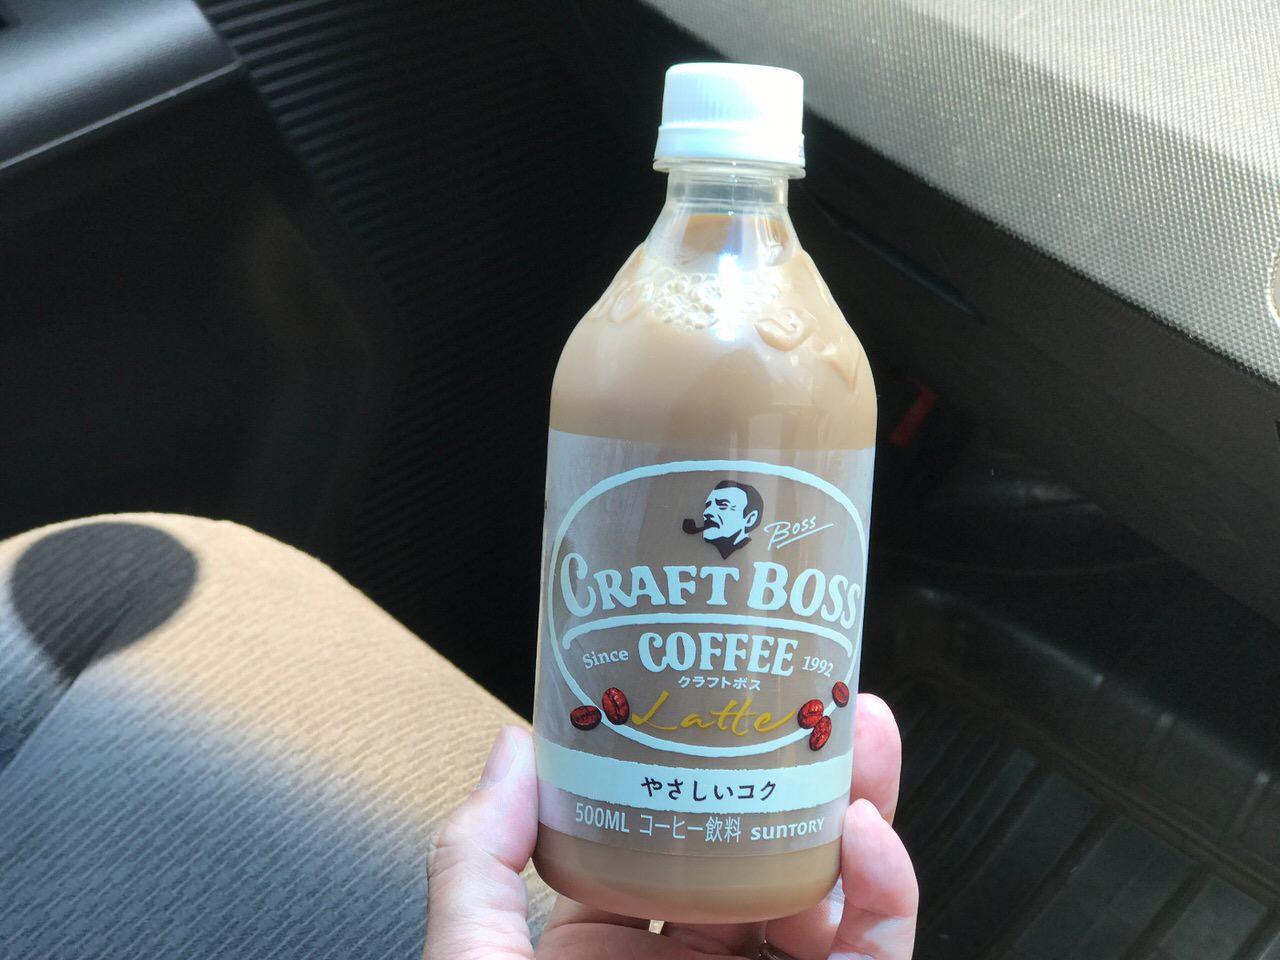 出荷停止になった「クラフトボス ラテ」を飲んでみたらまさにやさしいコクだった